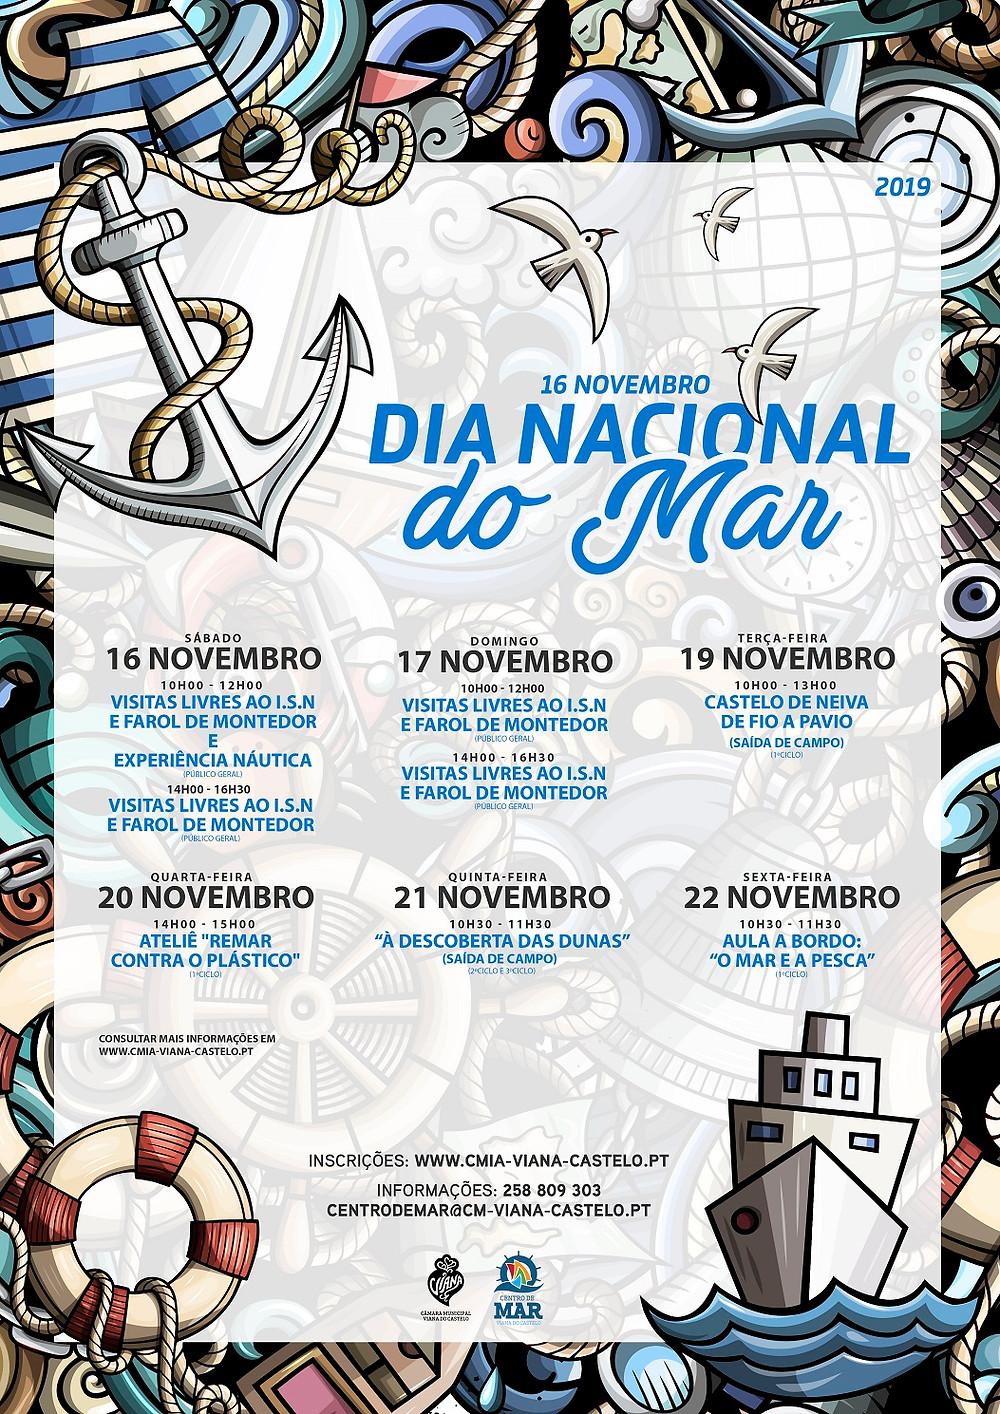 Viana do Castelo comemora a Semana do Mar de 16 a 22 de novembro | Peneda Gerês TV